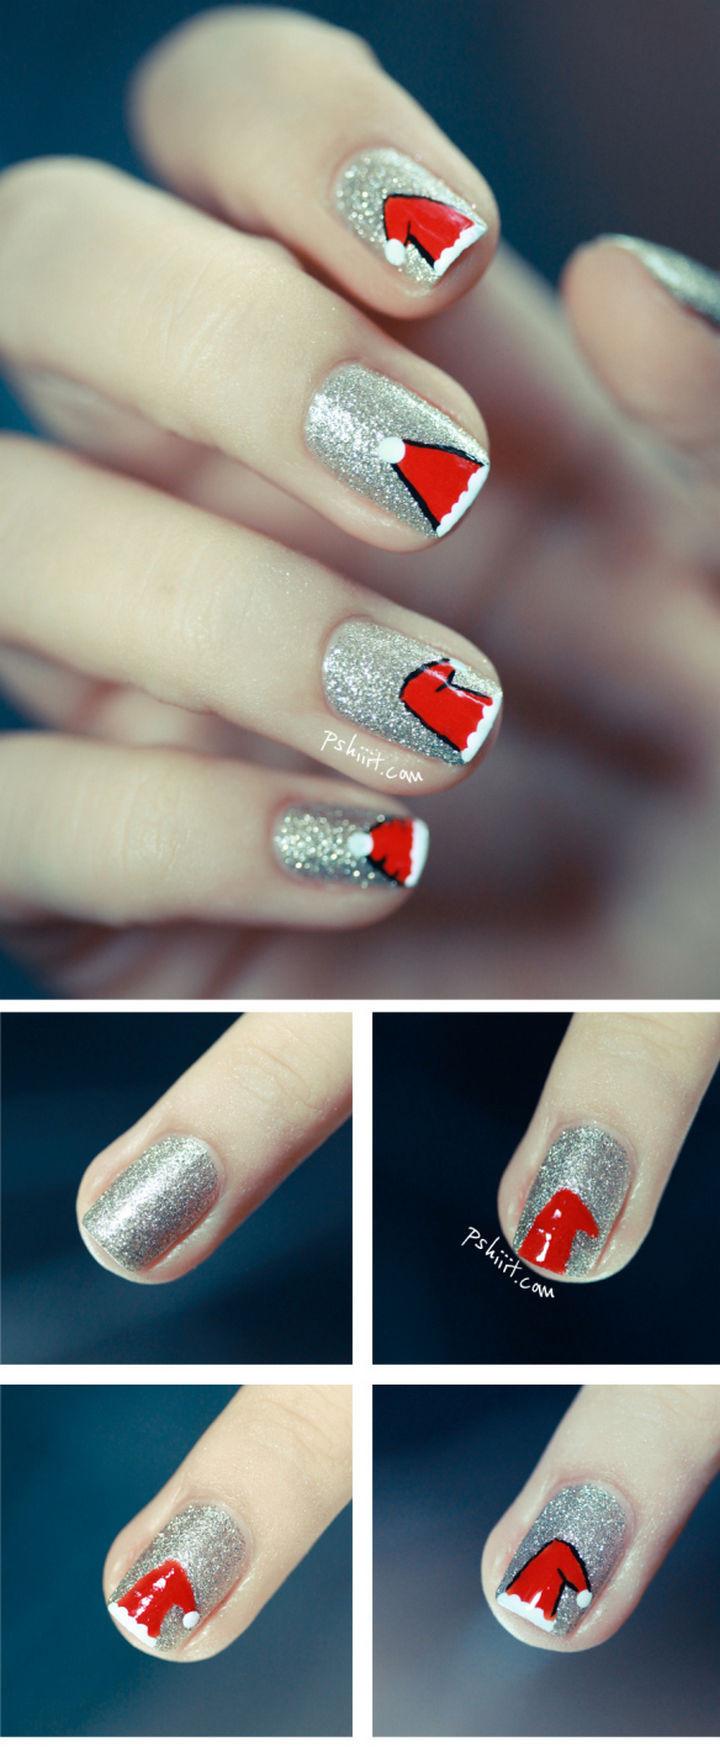 23 Christmas Nails - A variety of ideas for creating Santa Hat nails.